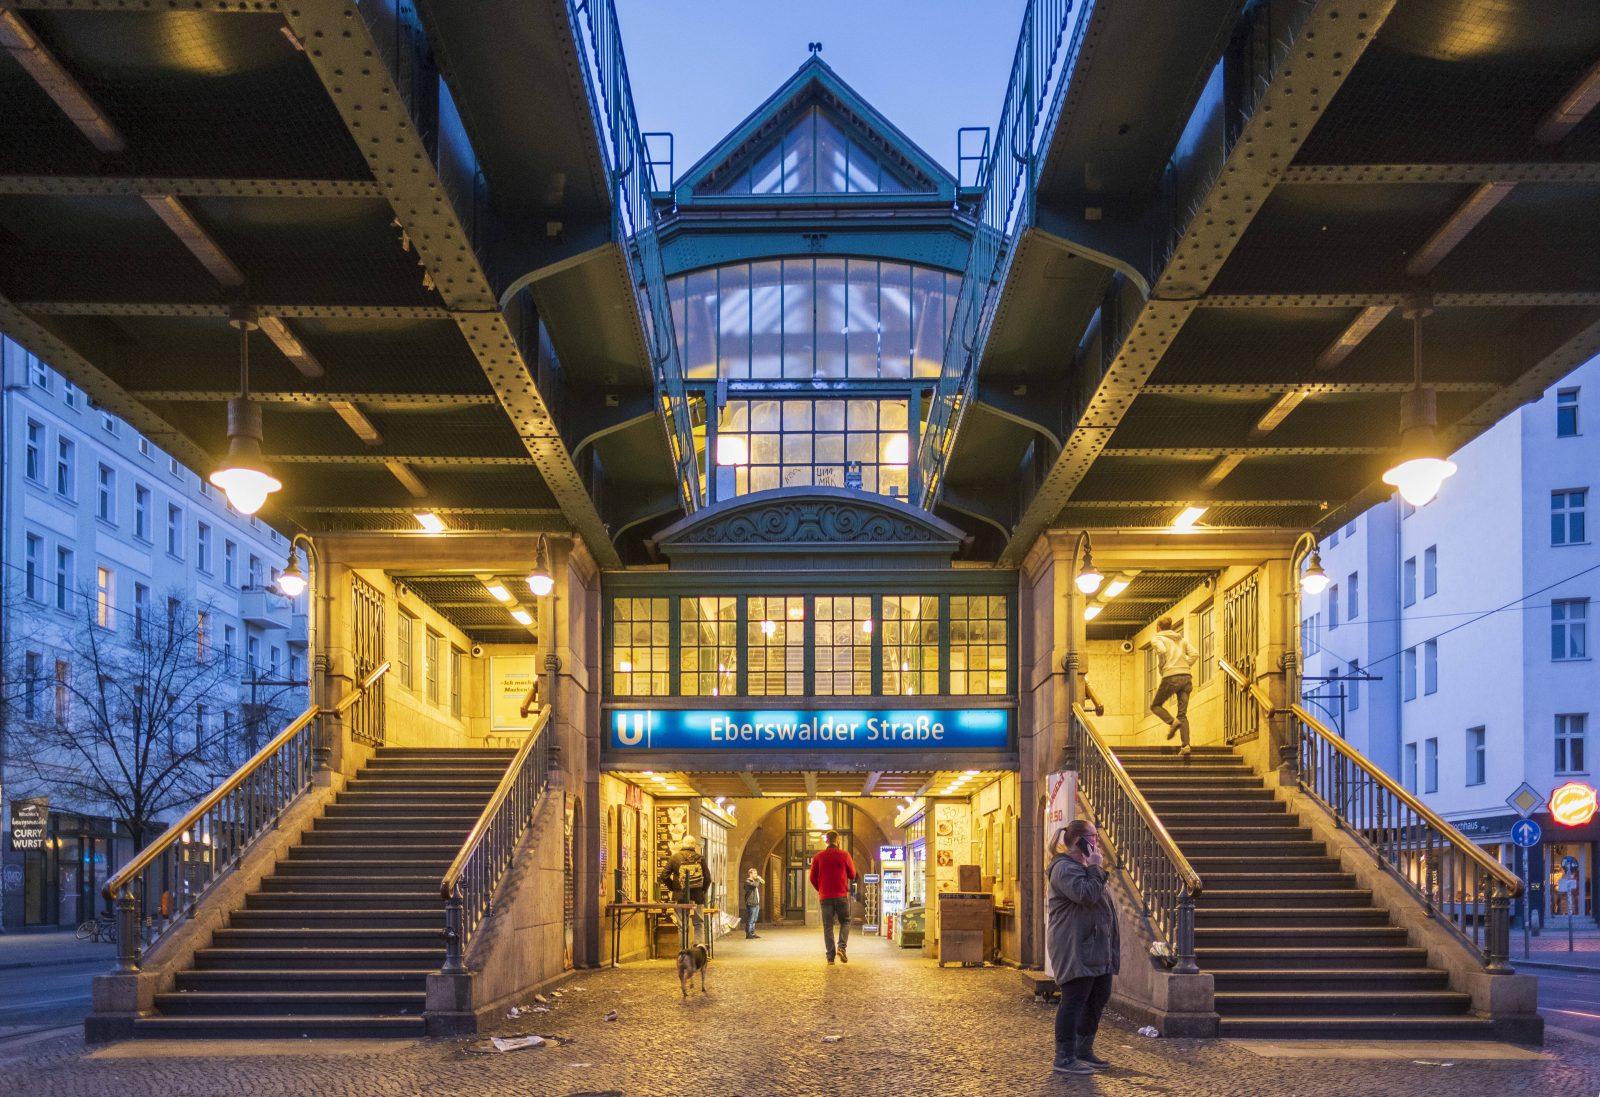 Gestaltet wurde dieser U-Bahnhof in Prenzlauer Berg von Alfred Grenander.